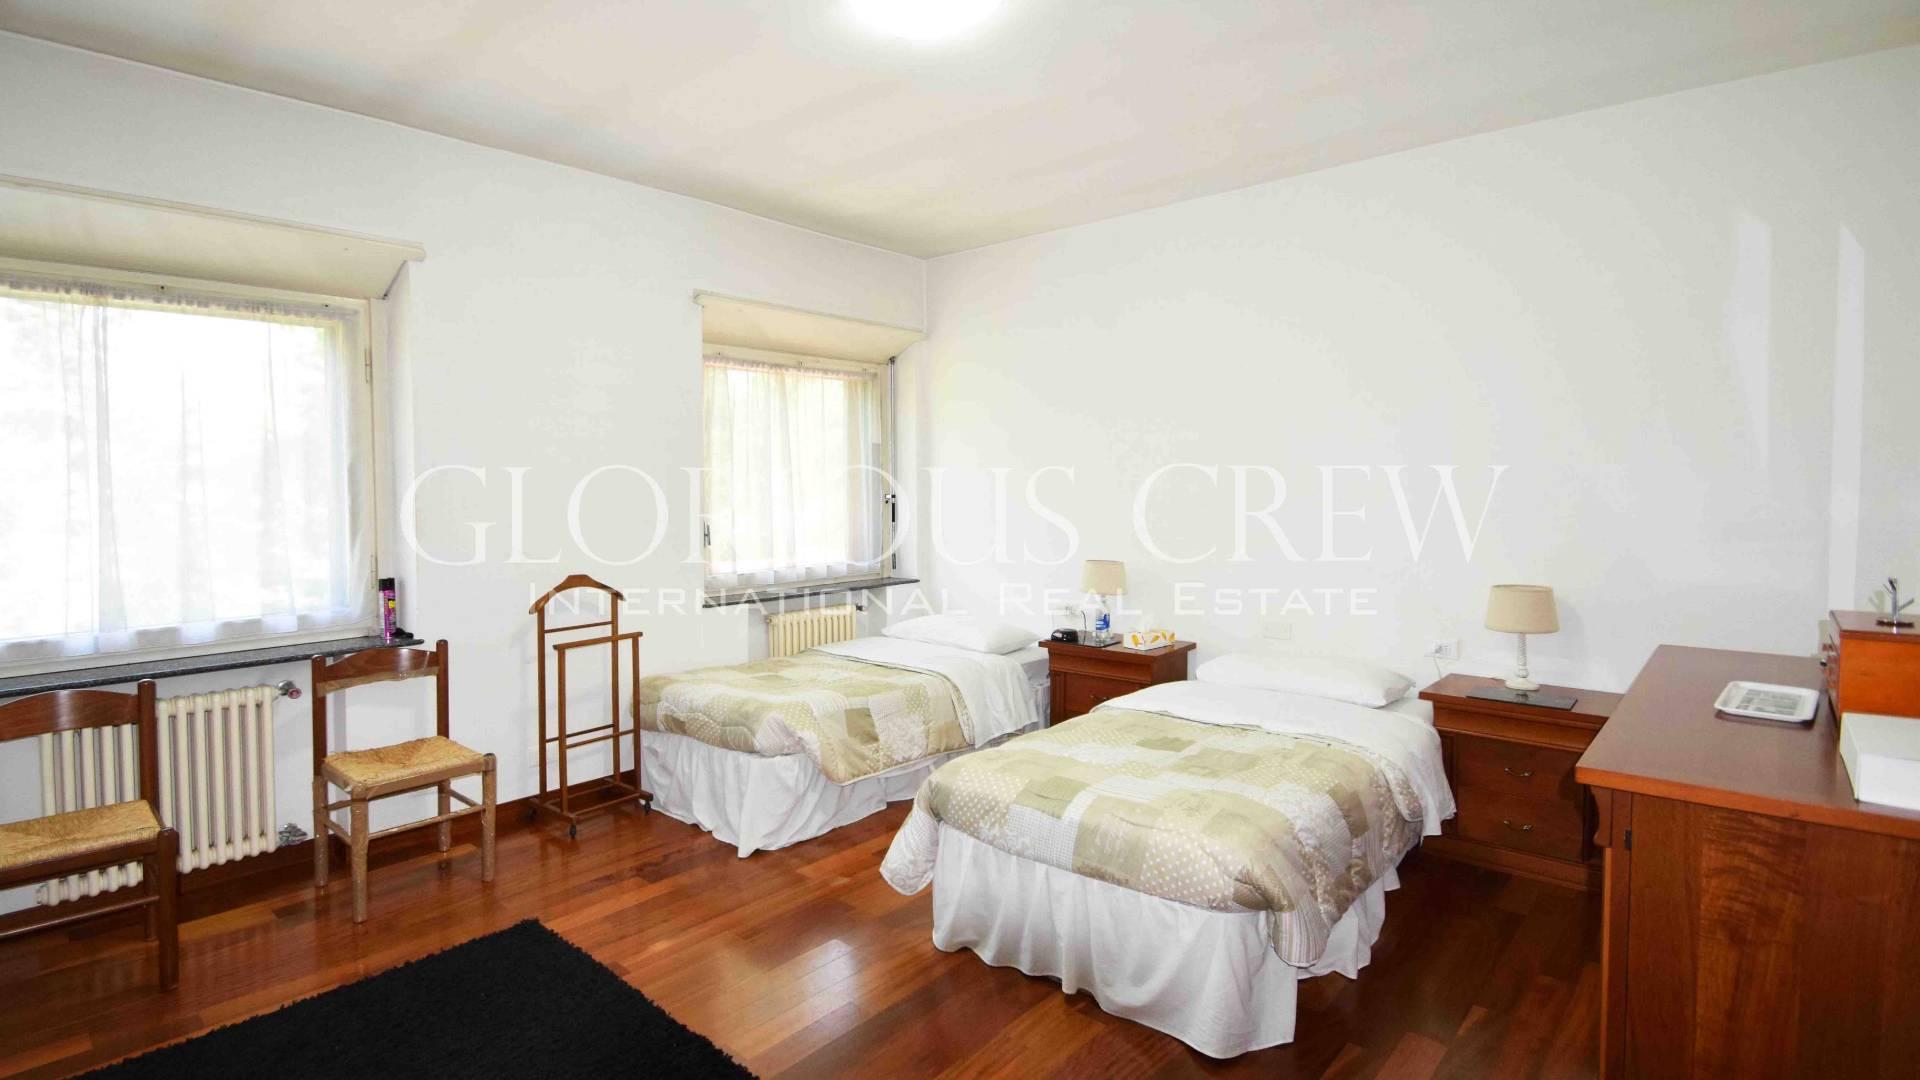 Appartamento in Vendita a Cassina Rizzardi: 4 locali, 155 mq - Foto 11